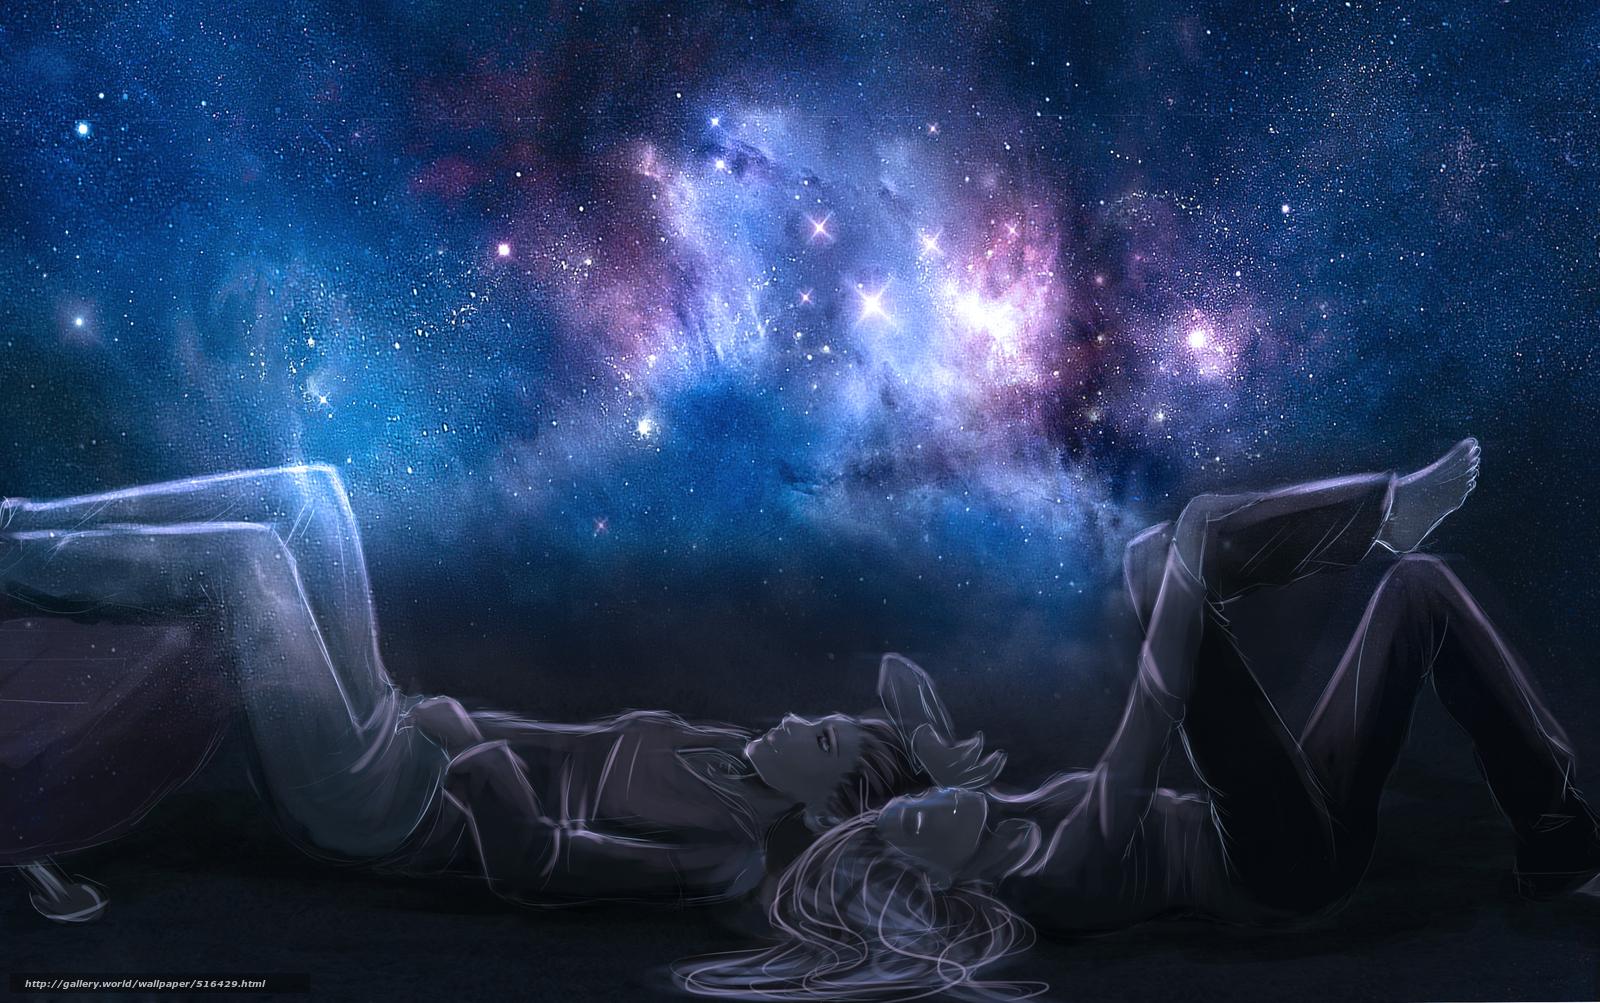 Картинки на аву парень с девушкой  со смыслом красивые и